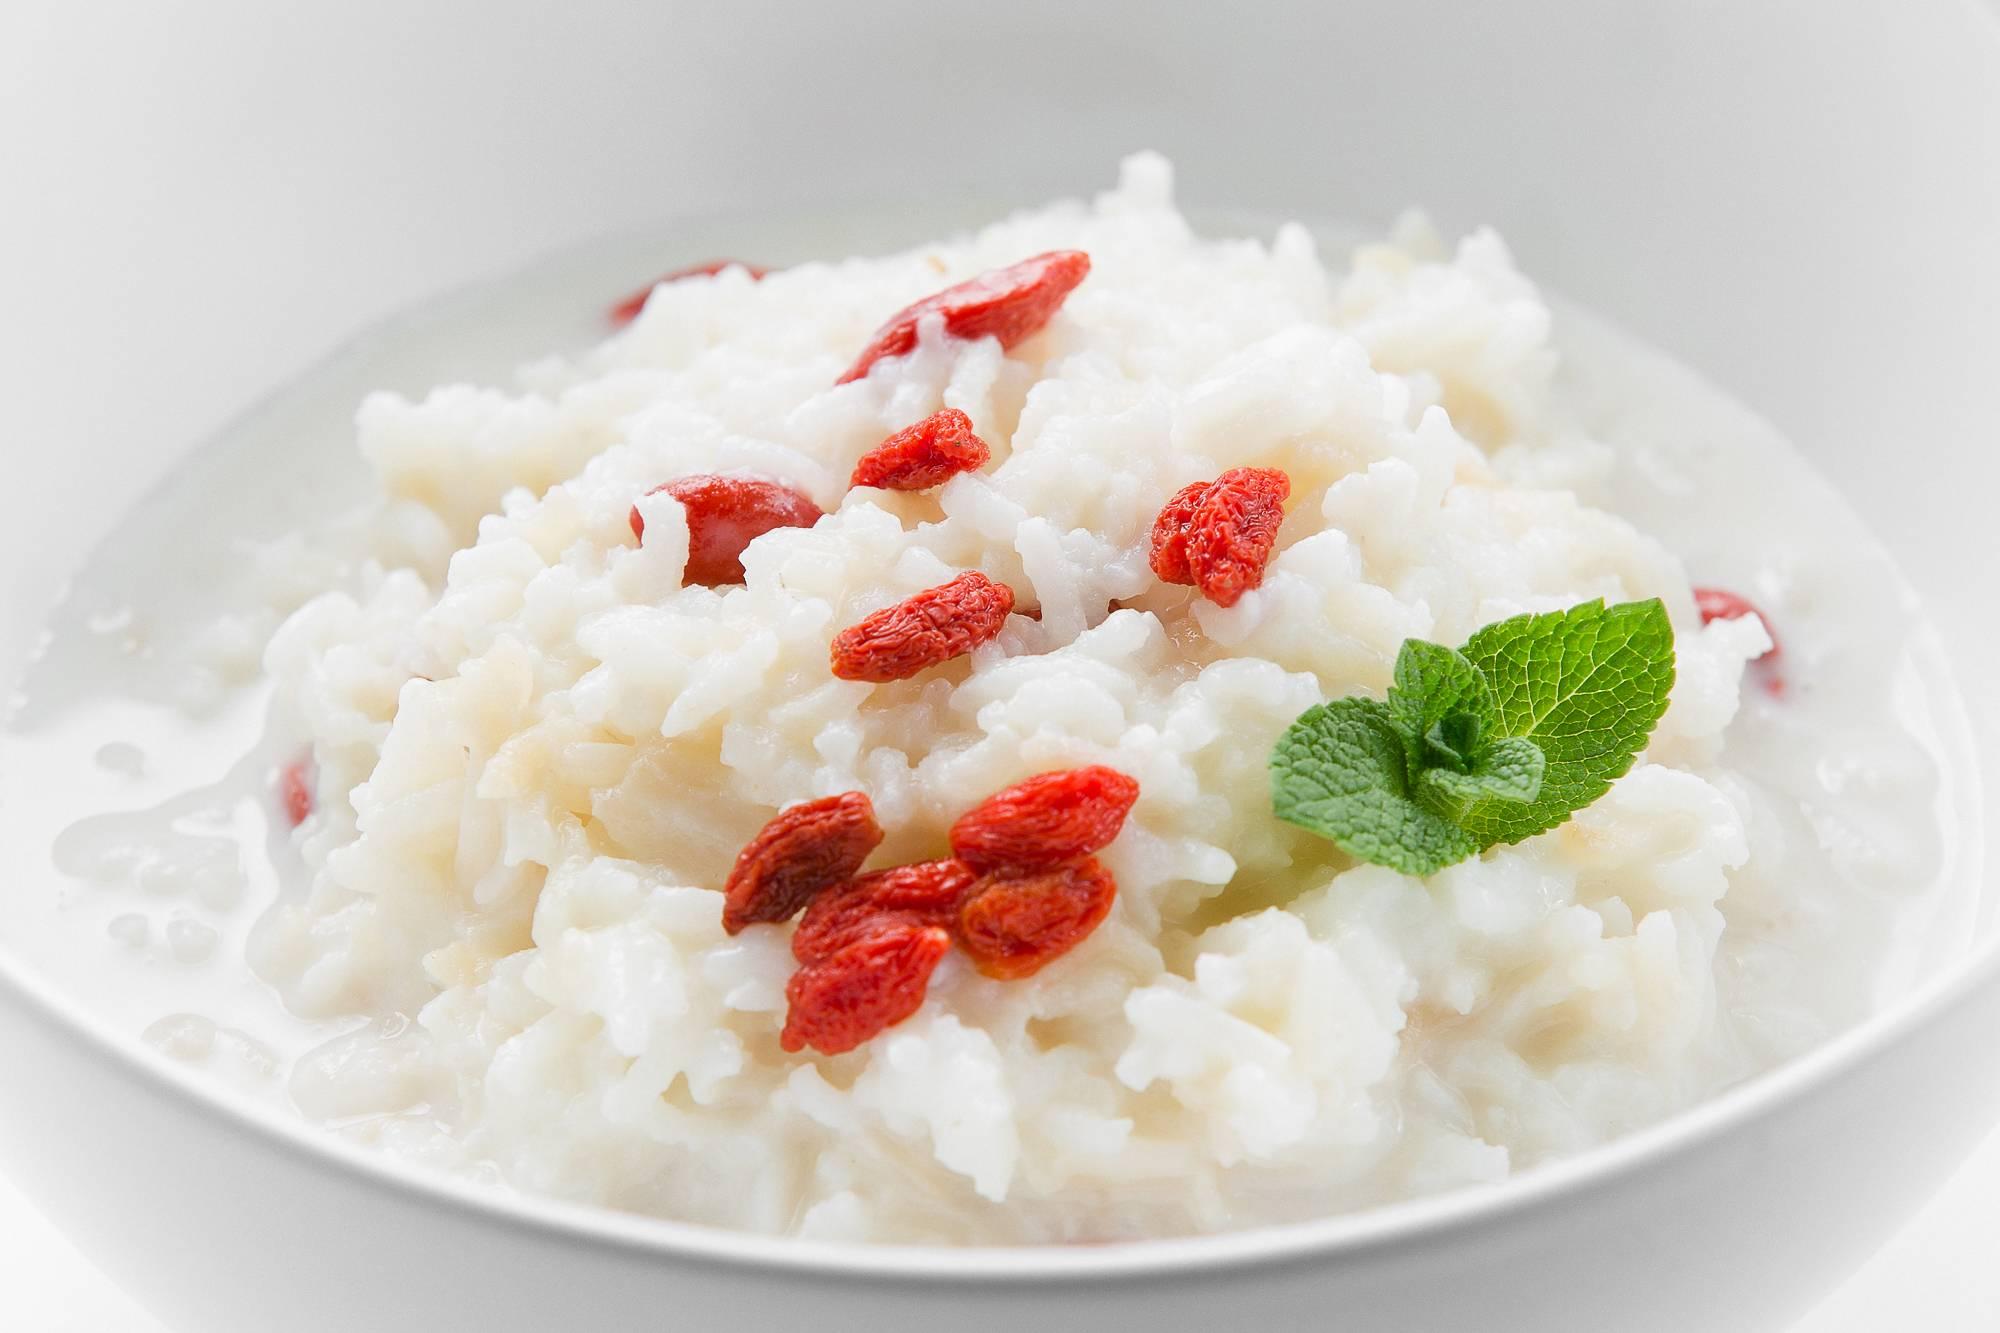 Рисовая Диета На Молоке. Худеем на рисе: быстро, эффективно, недорого